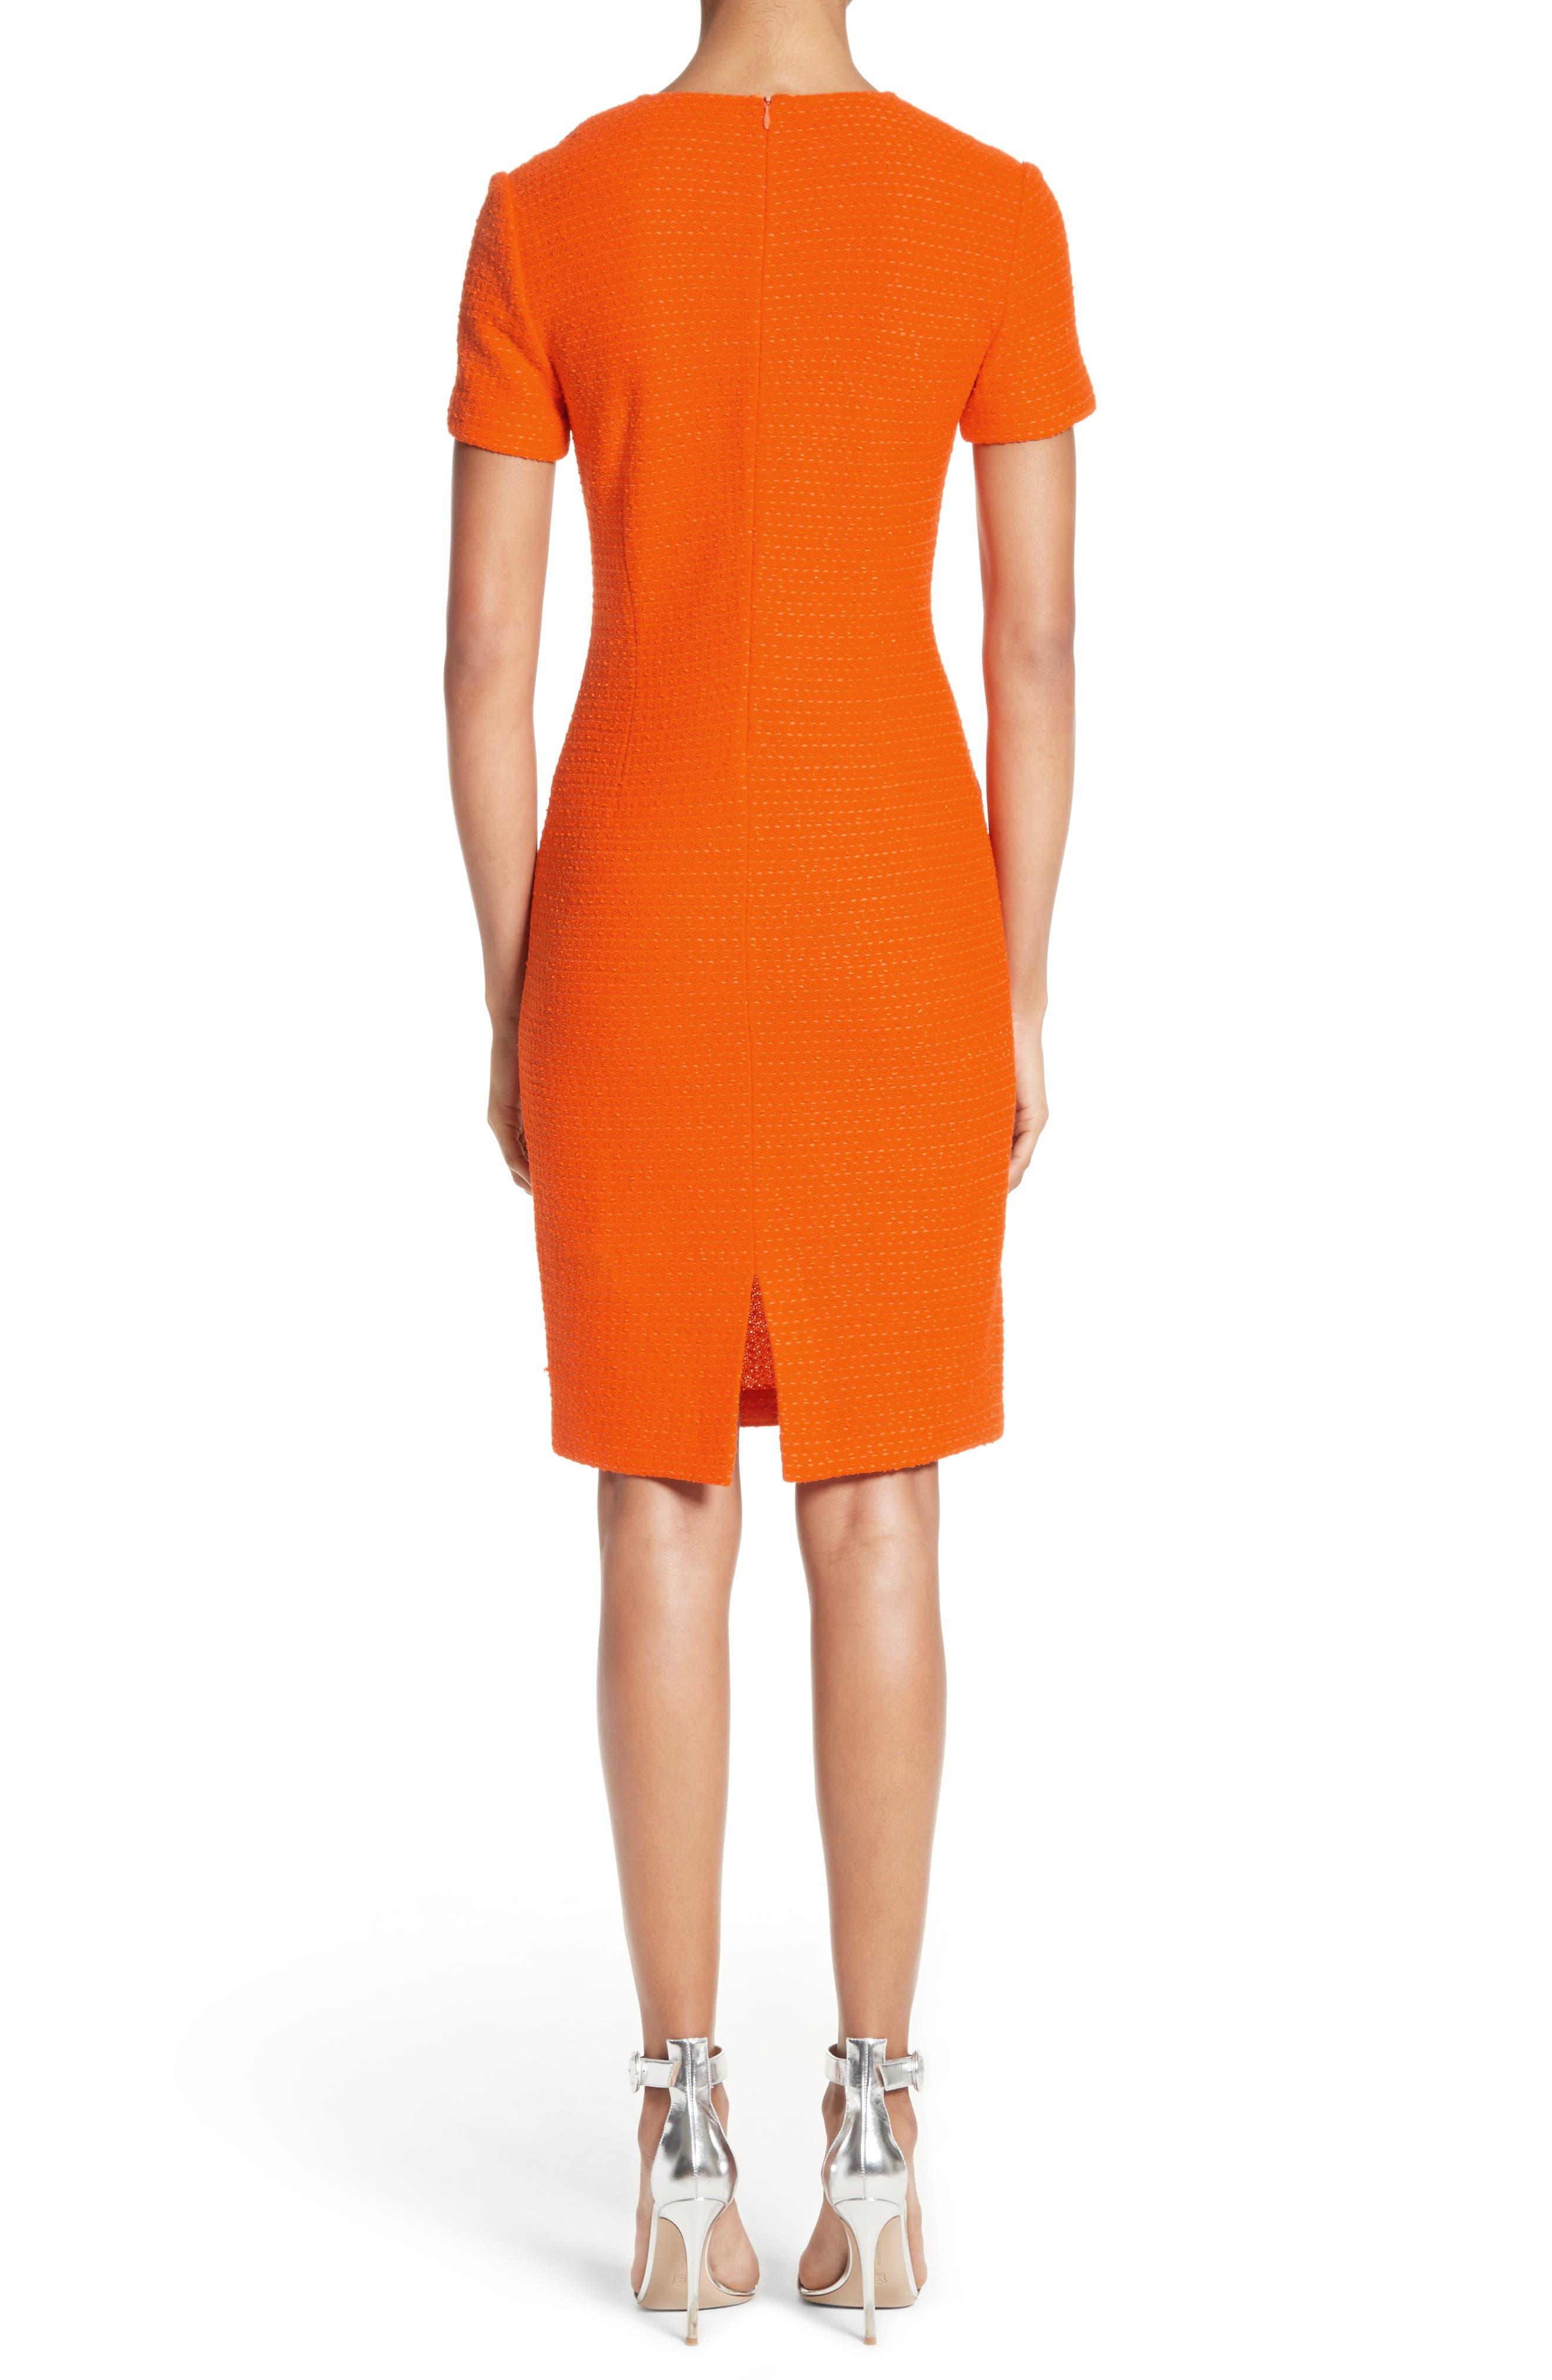 Ribbon Texture Knit Dress,                             Alternate thumbnail 2, color,                             820